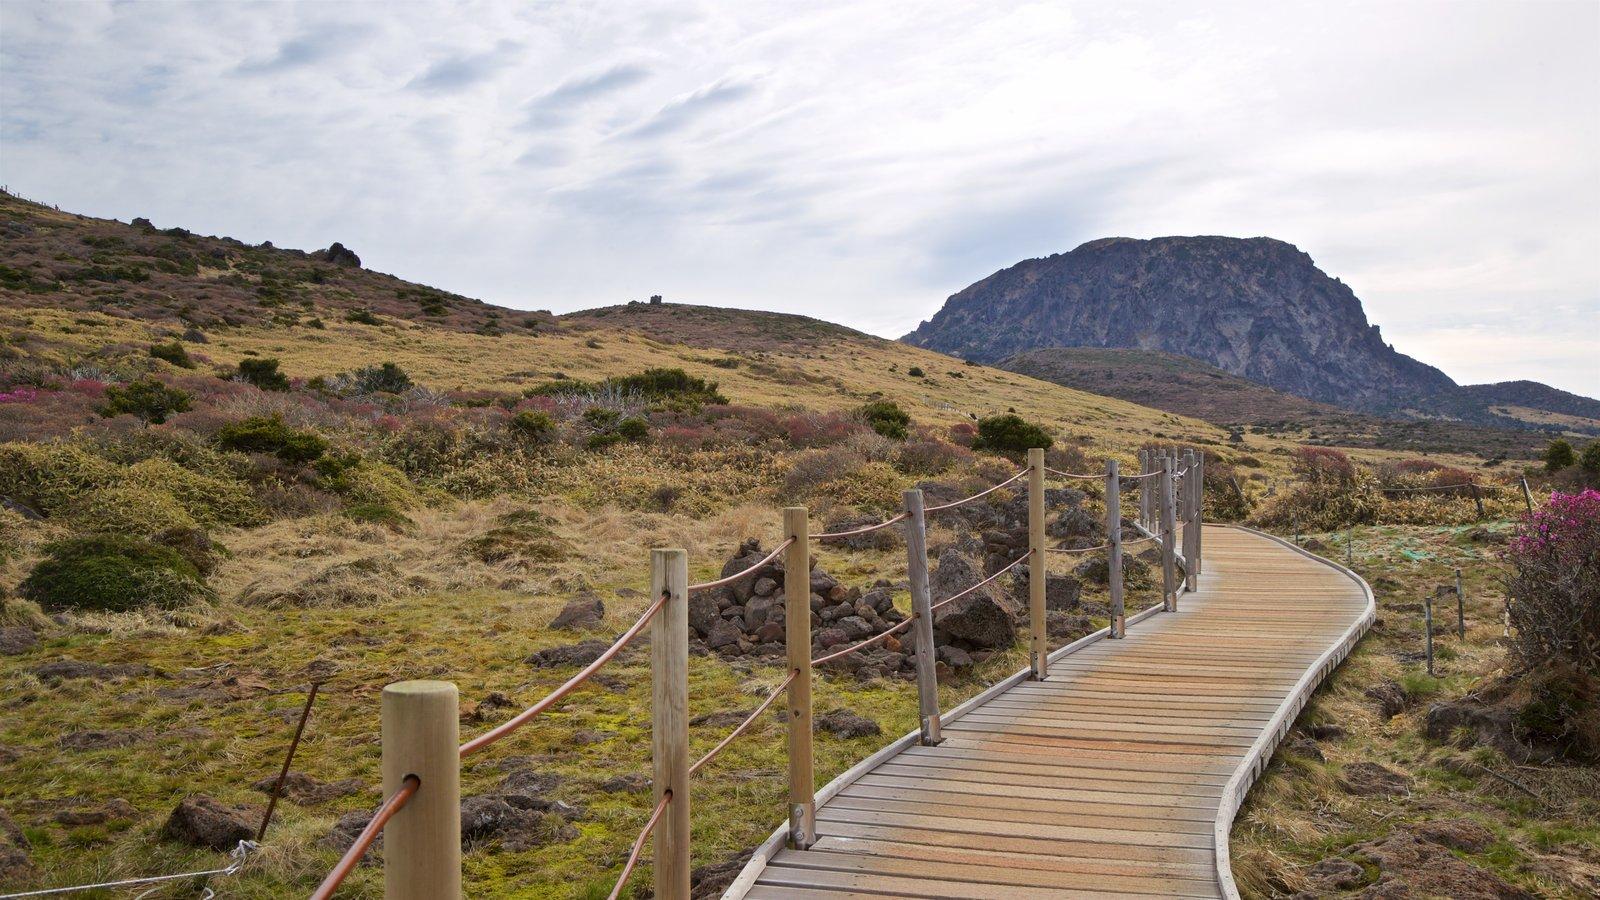 Parque Nacional de Hallasan que incluye vistas de paisajes y escenas tranquilas